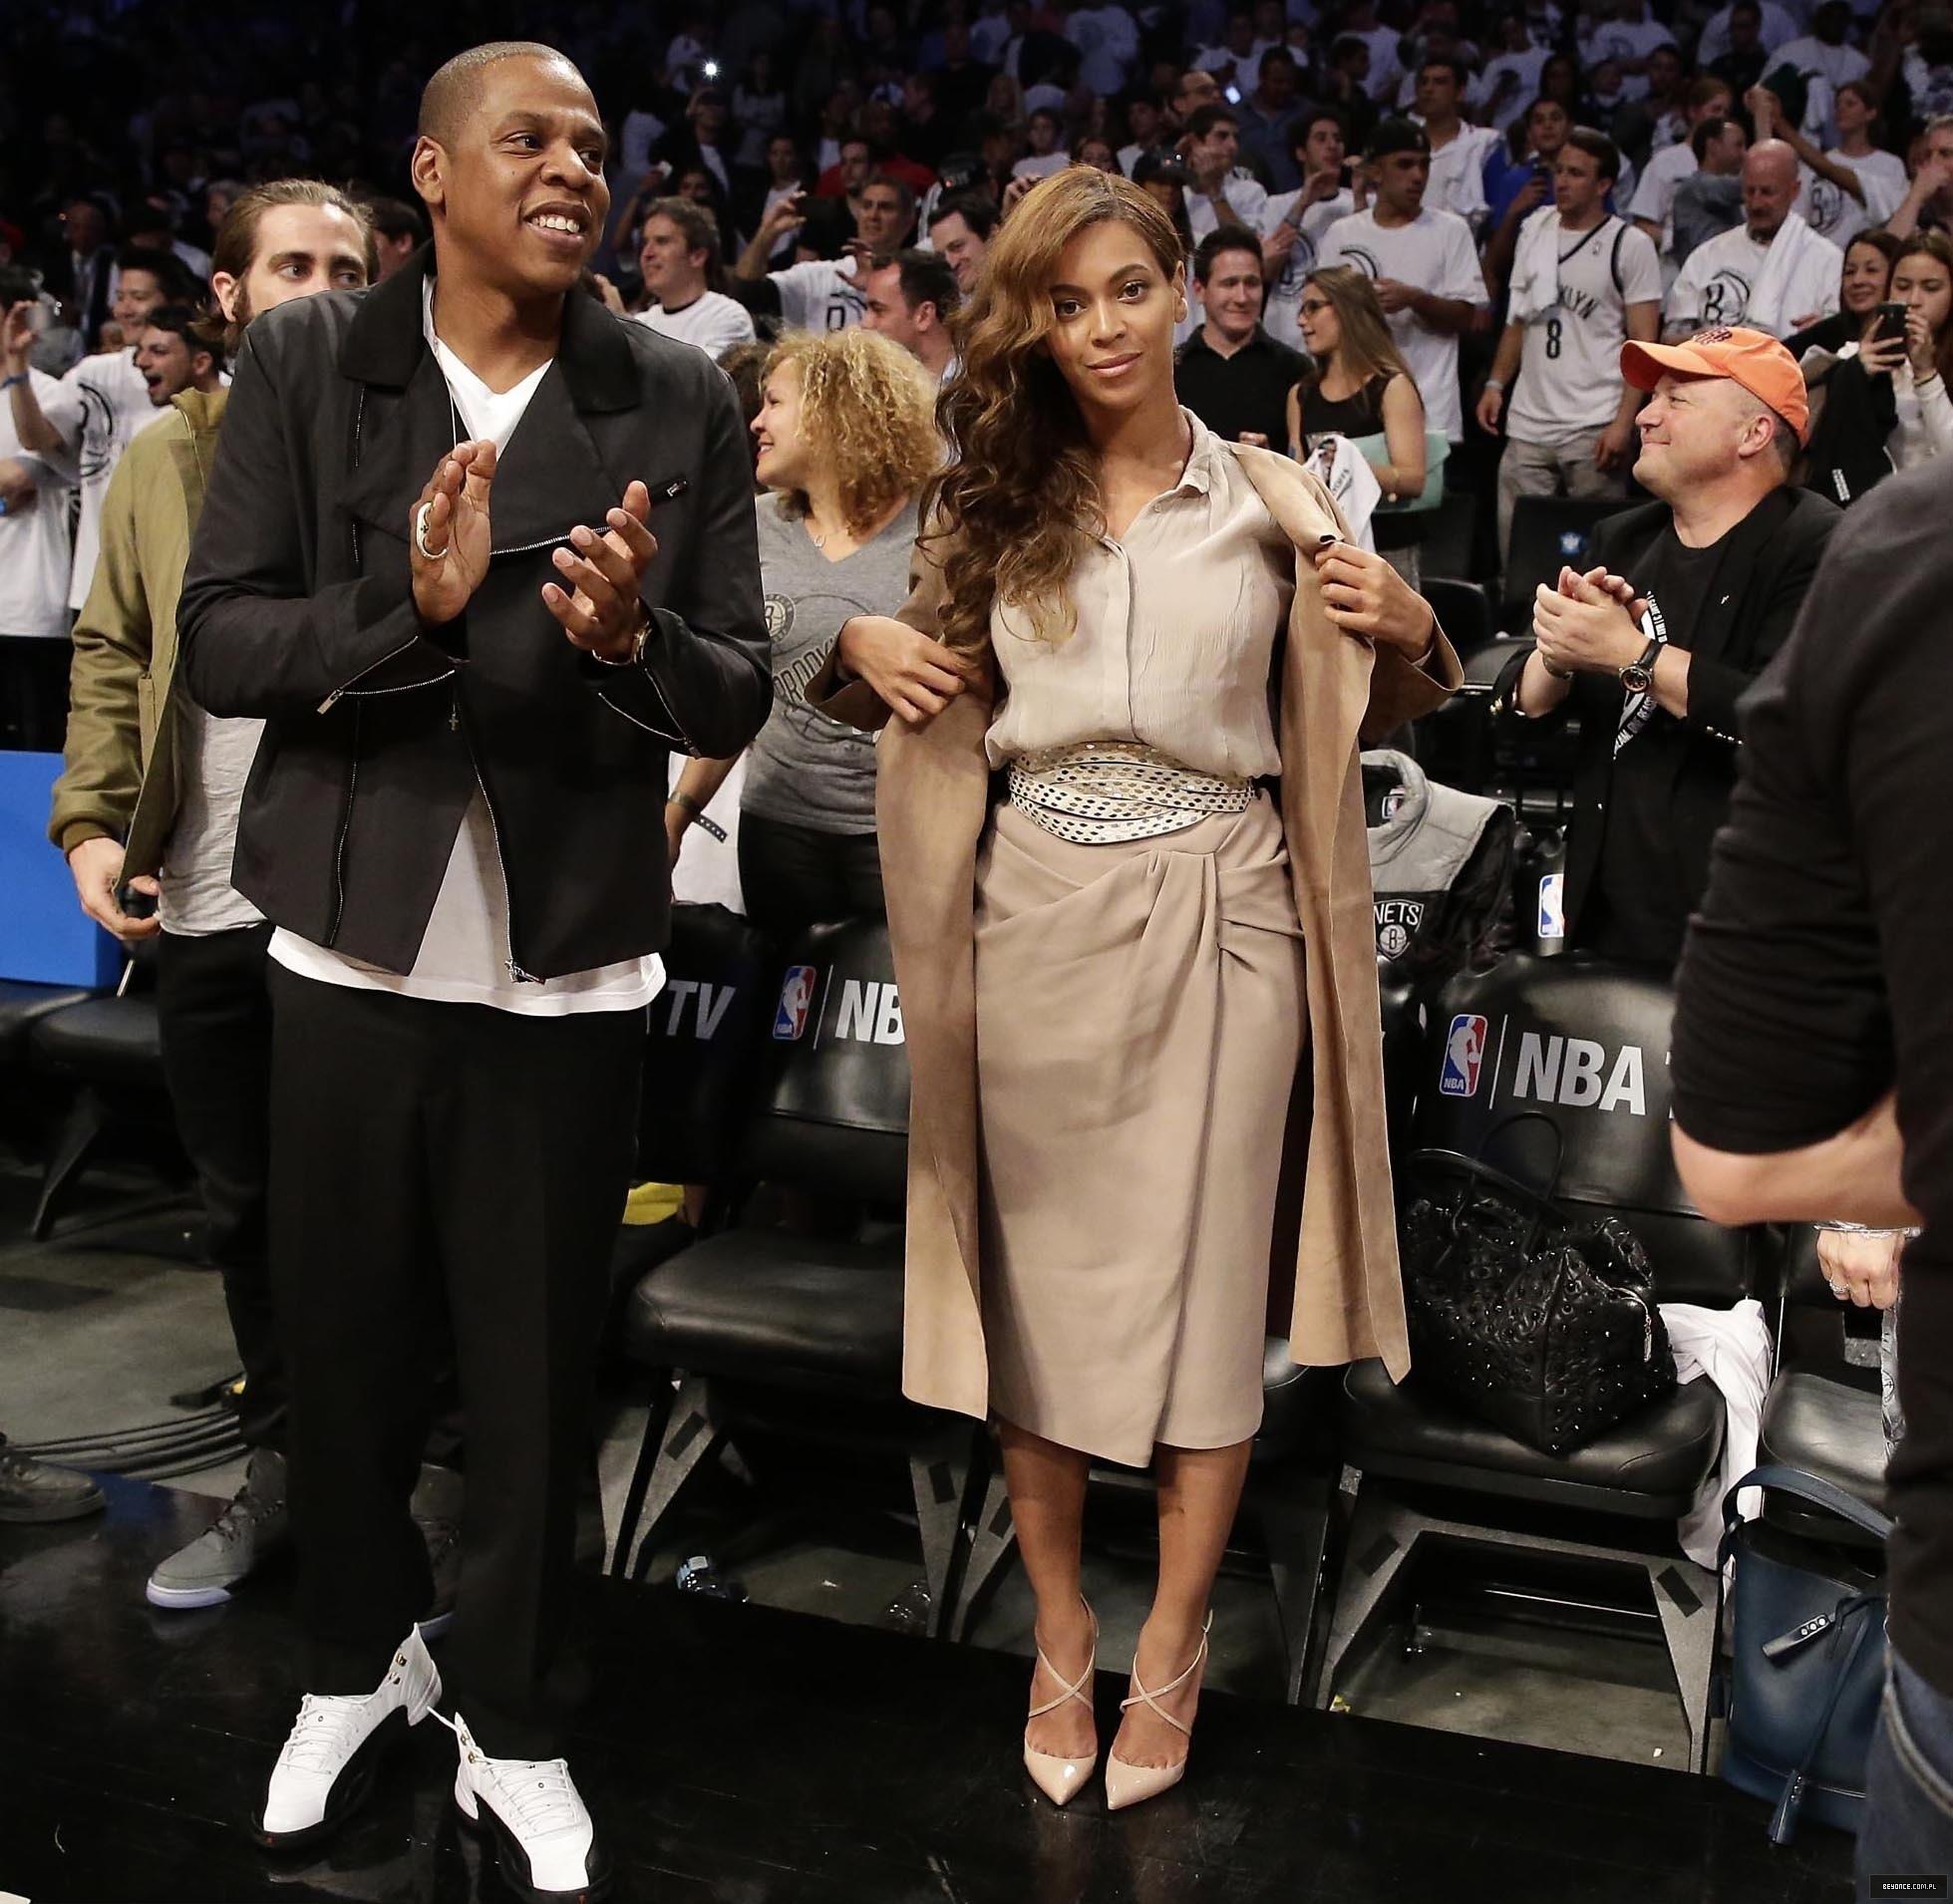 Beyoncé > Apariciones en público <Candids> [III] - Página 26 Miami-brooklyn-game2014_2_3